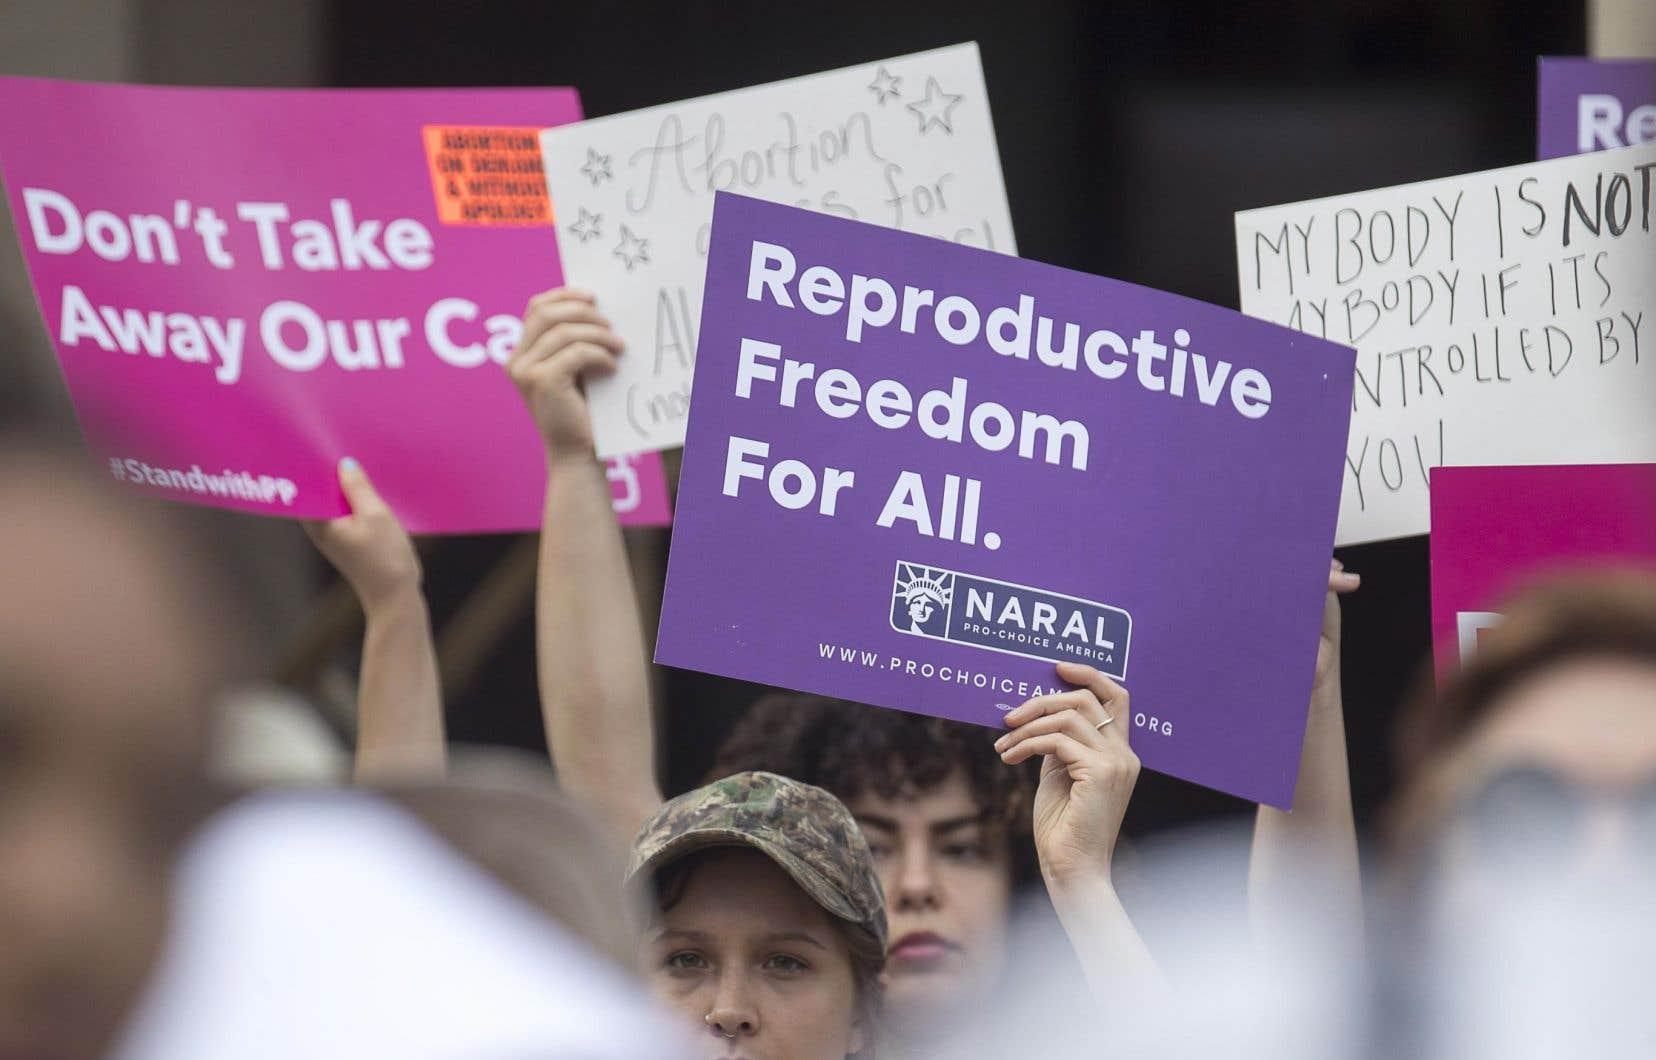 De nombreux protestataires s'étaient regroupés devant siège du congrès de l'État en réponse à la décision du gouverneur Brian Kemp.